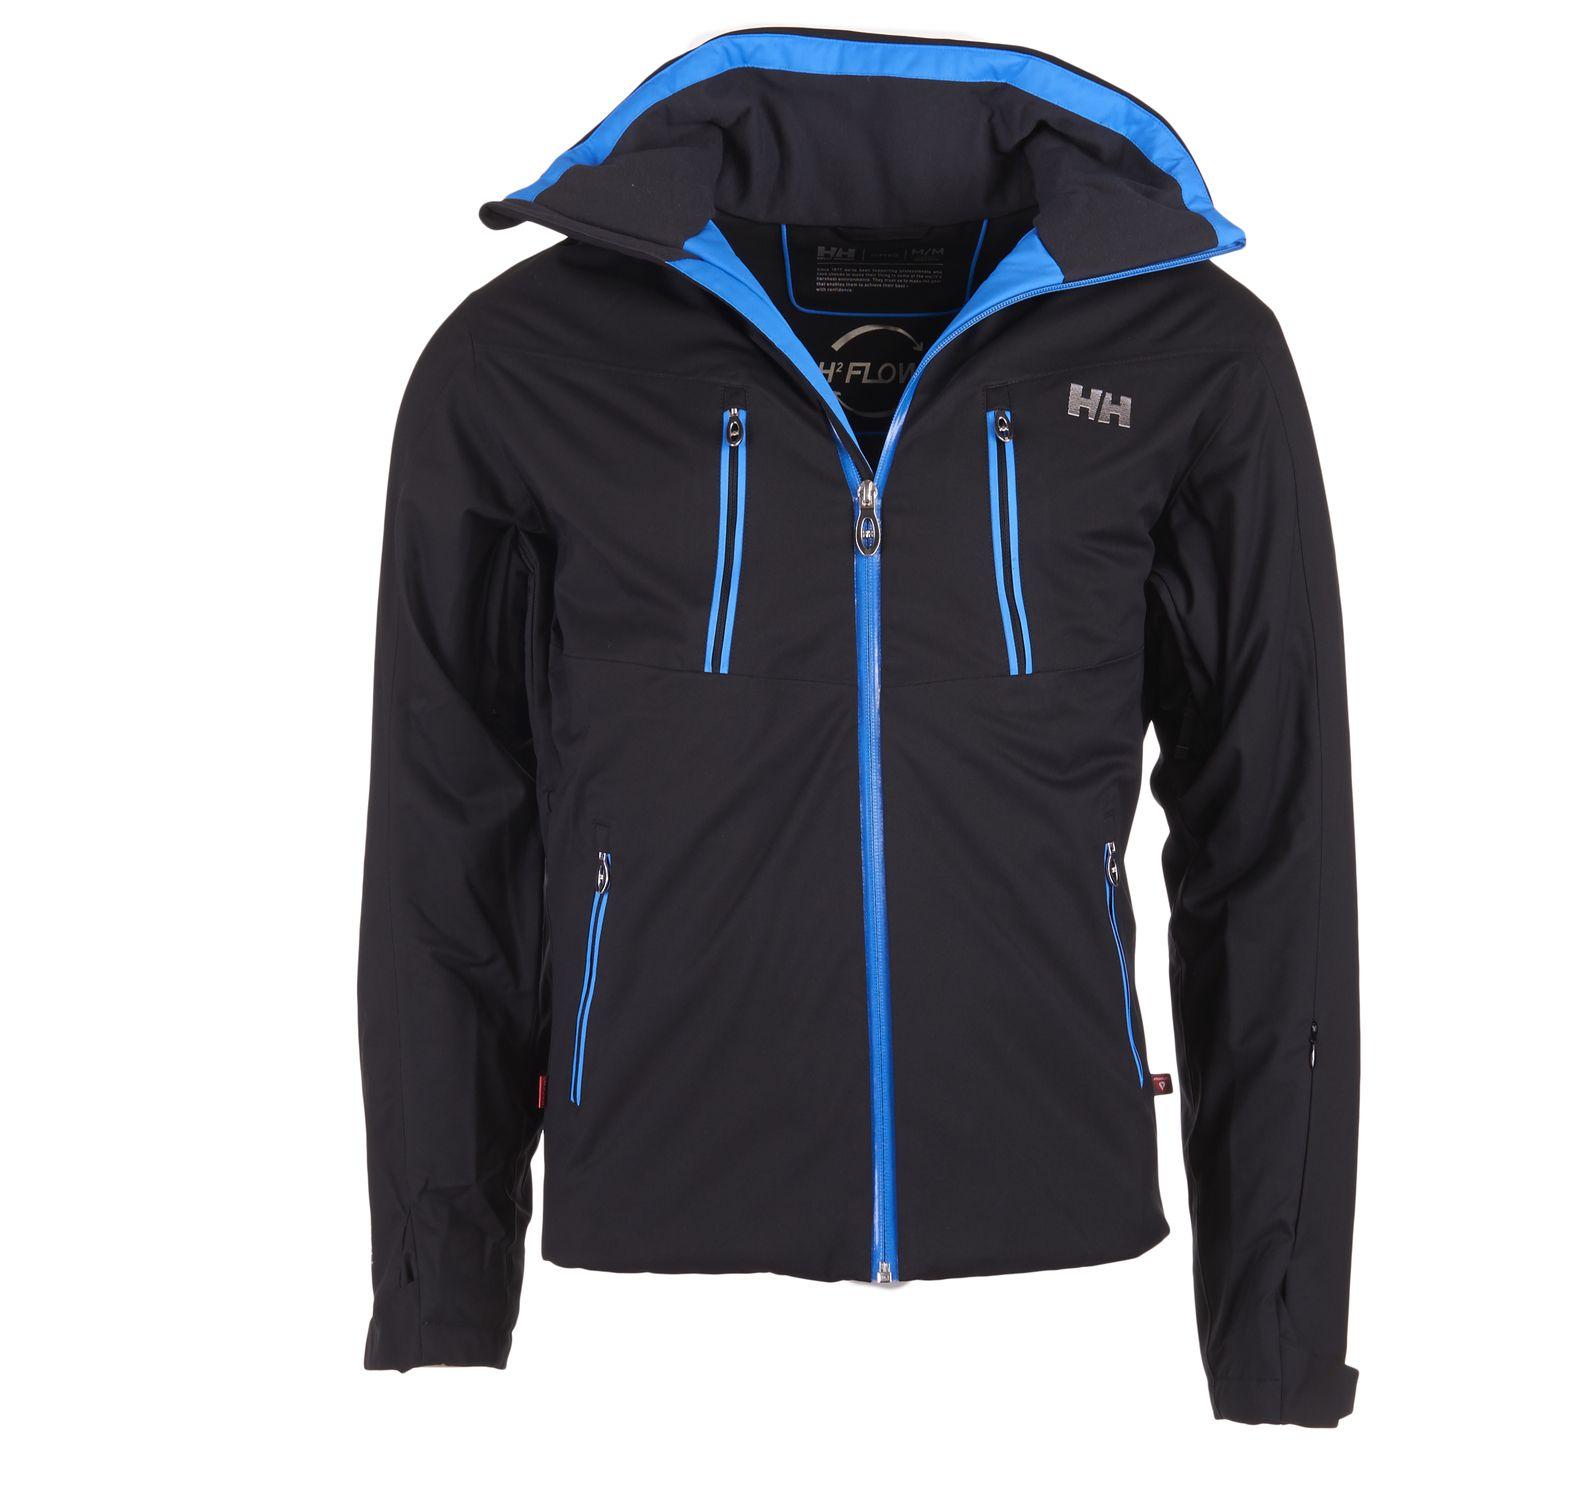 Alpha Jacket, Black / Racer Blue, M,  Jackor